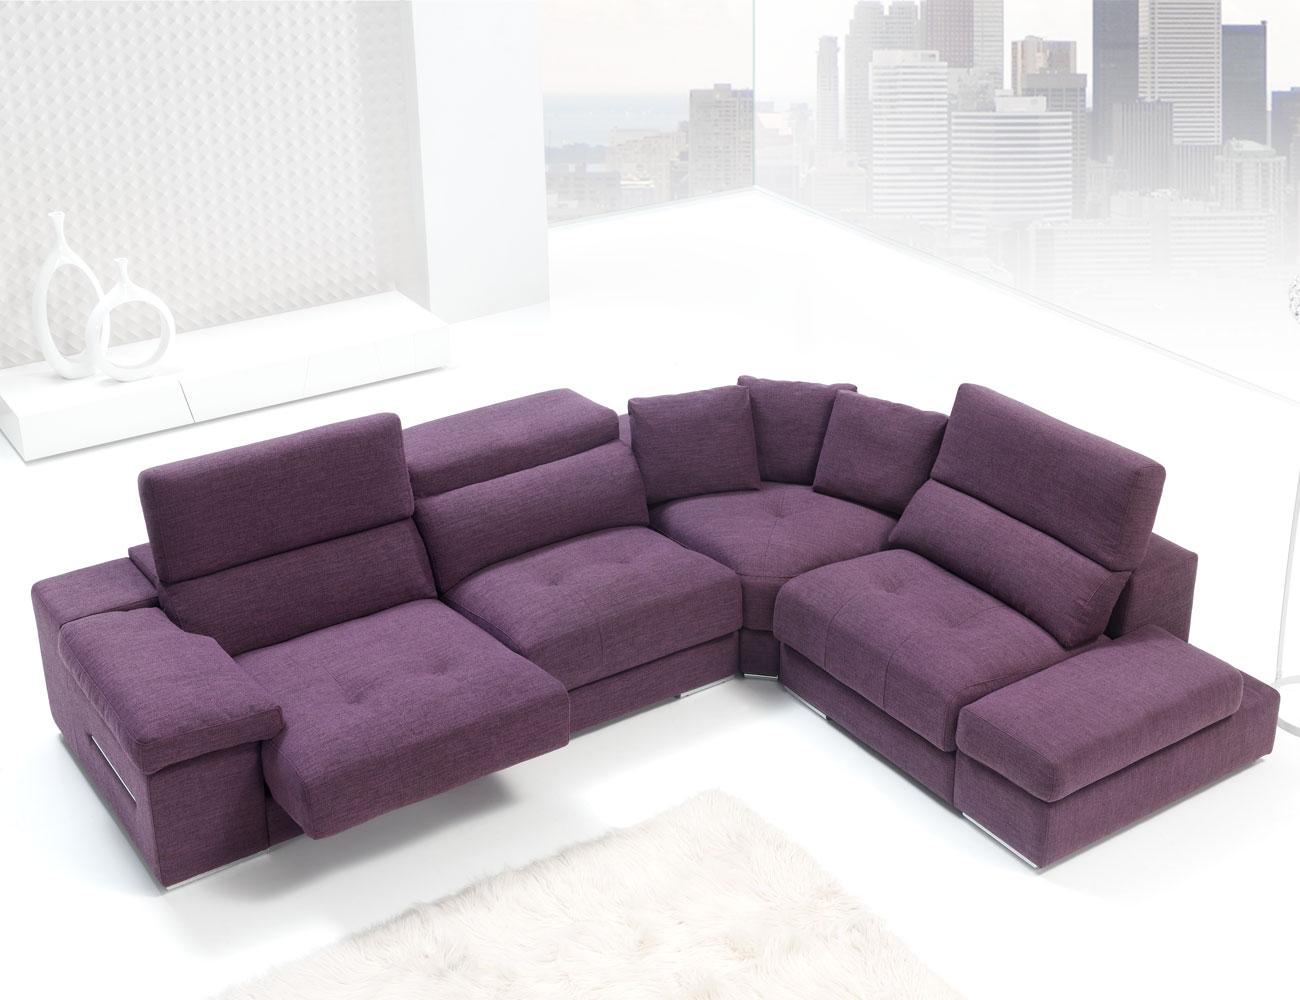 Sofa chaiselongue rincon con brazo mecanico tejido anti manchas 221